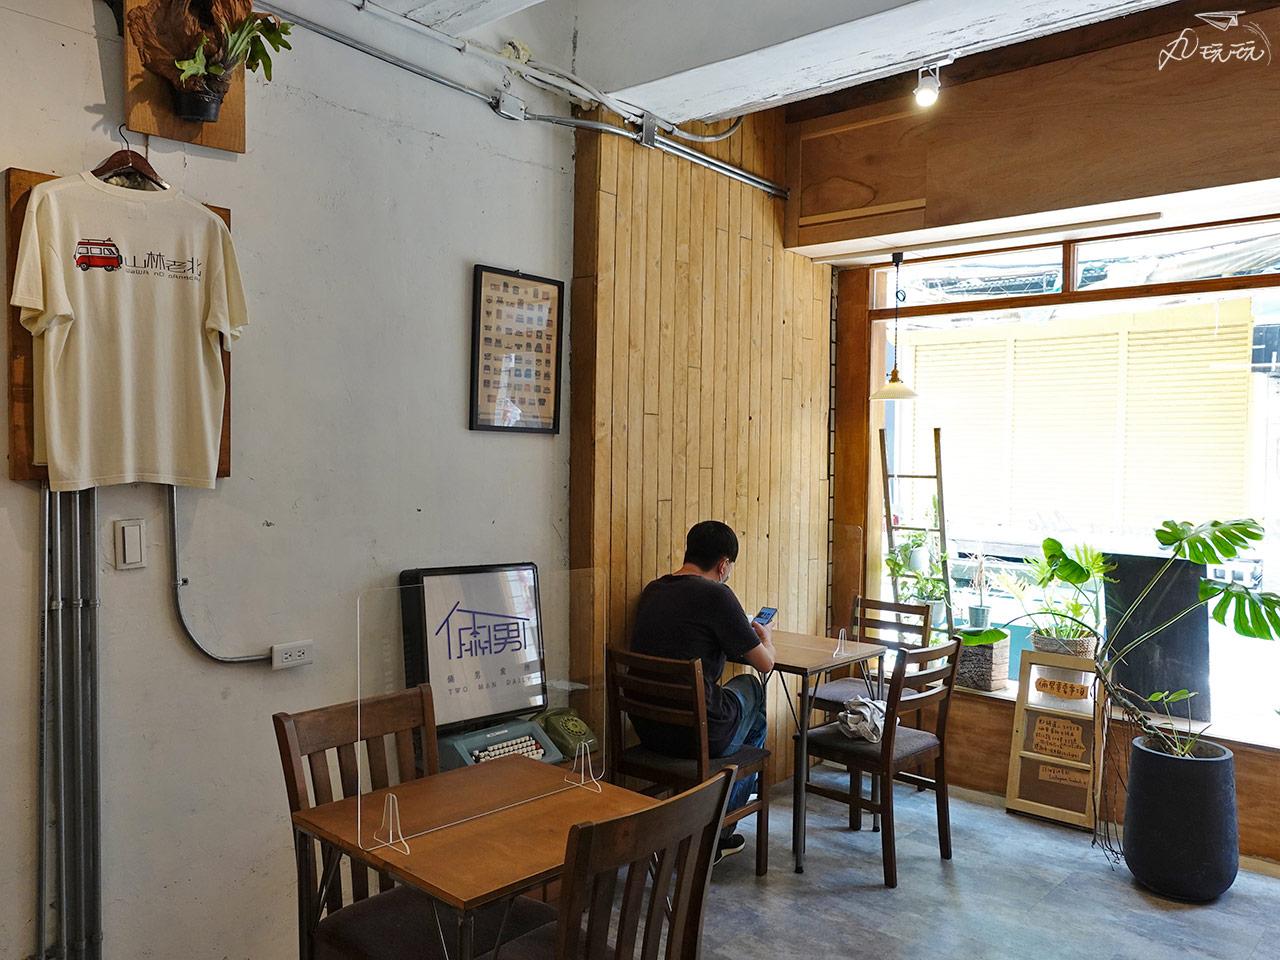 倆男咖啡室